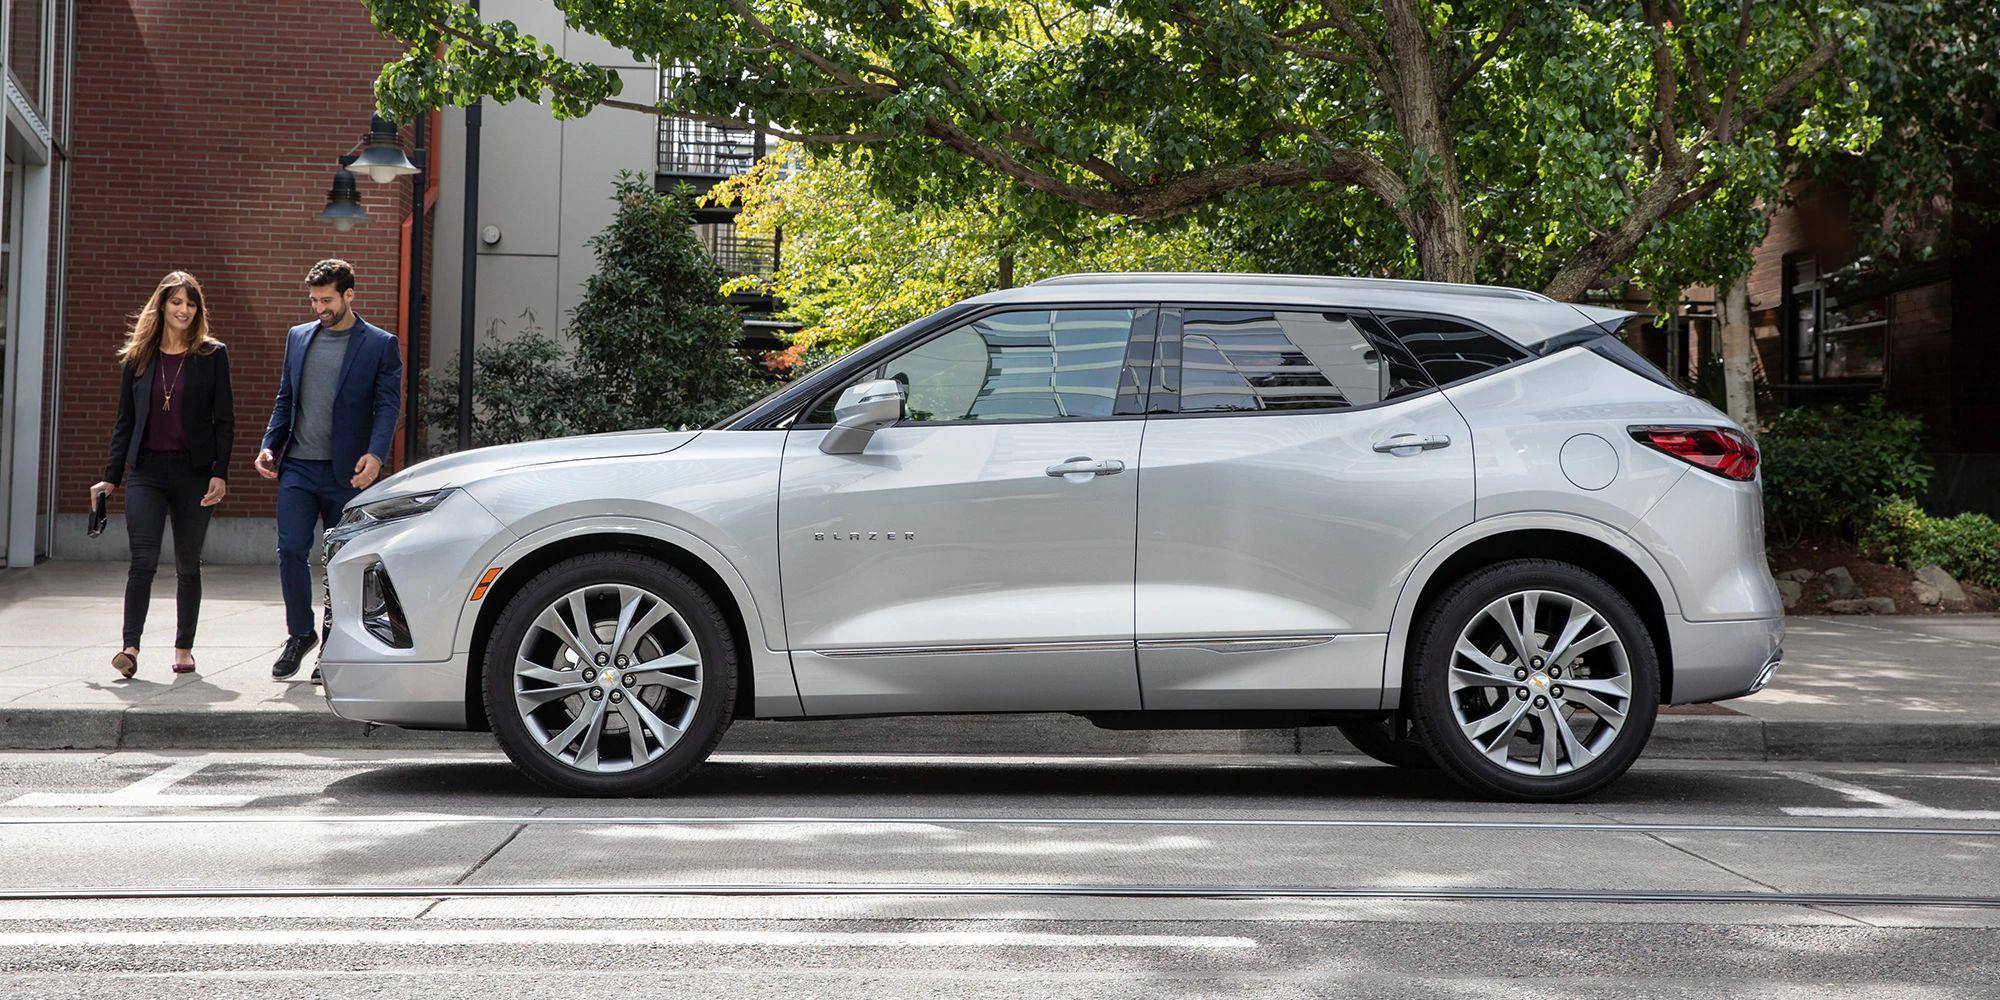 2021 Chevrolet Blazer Exterior Colors